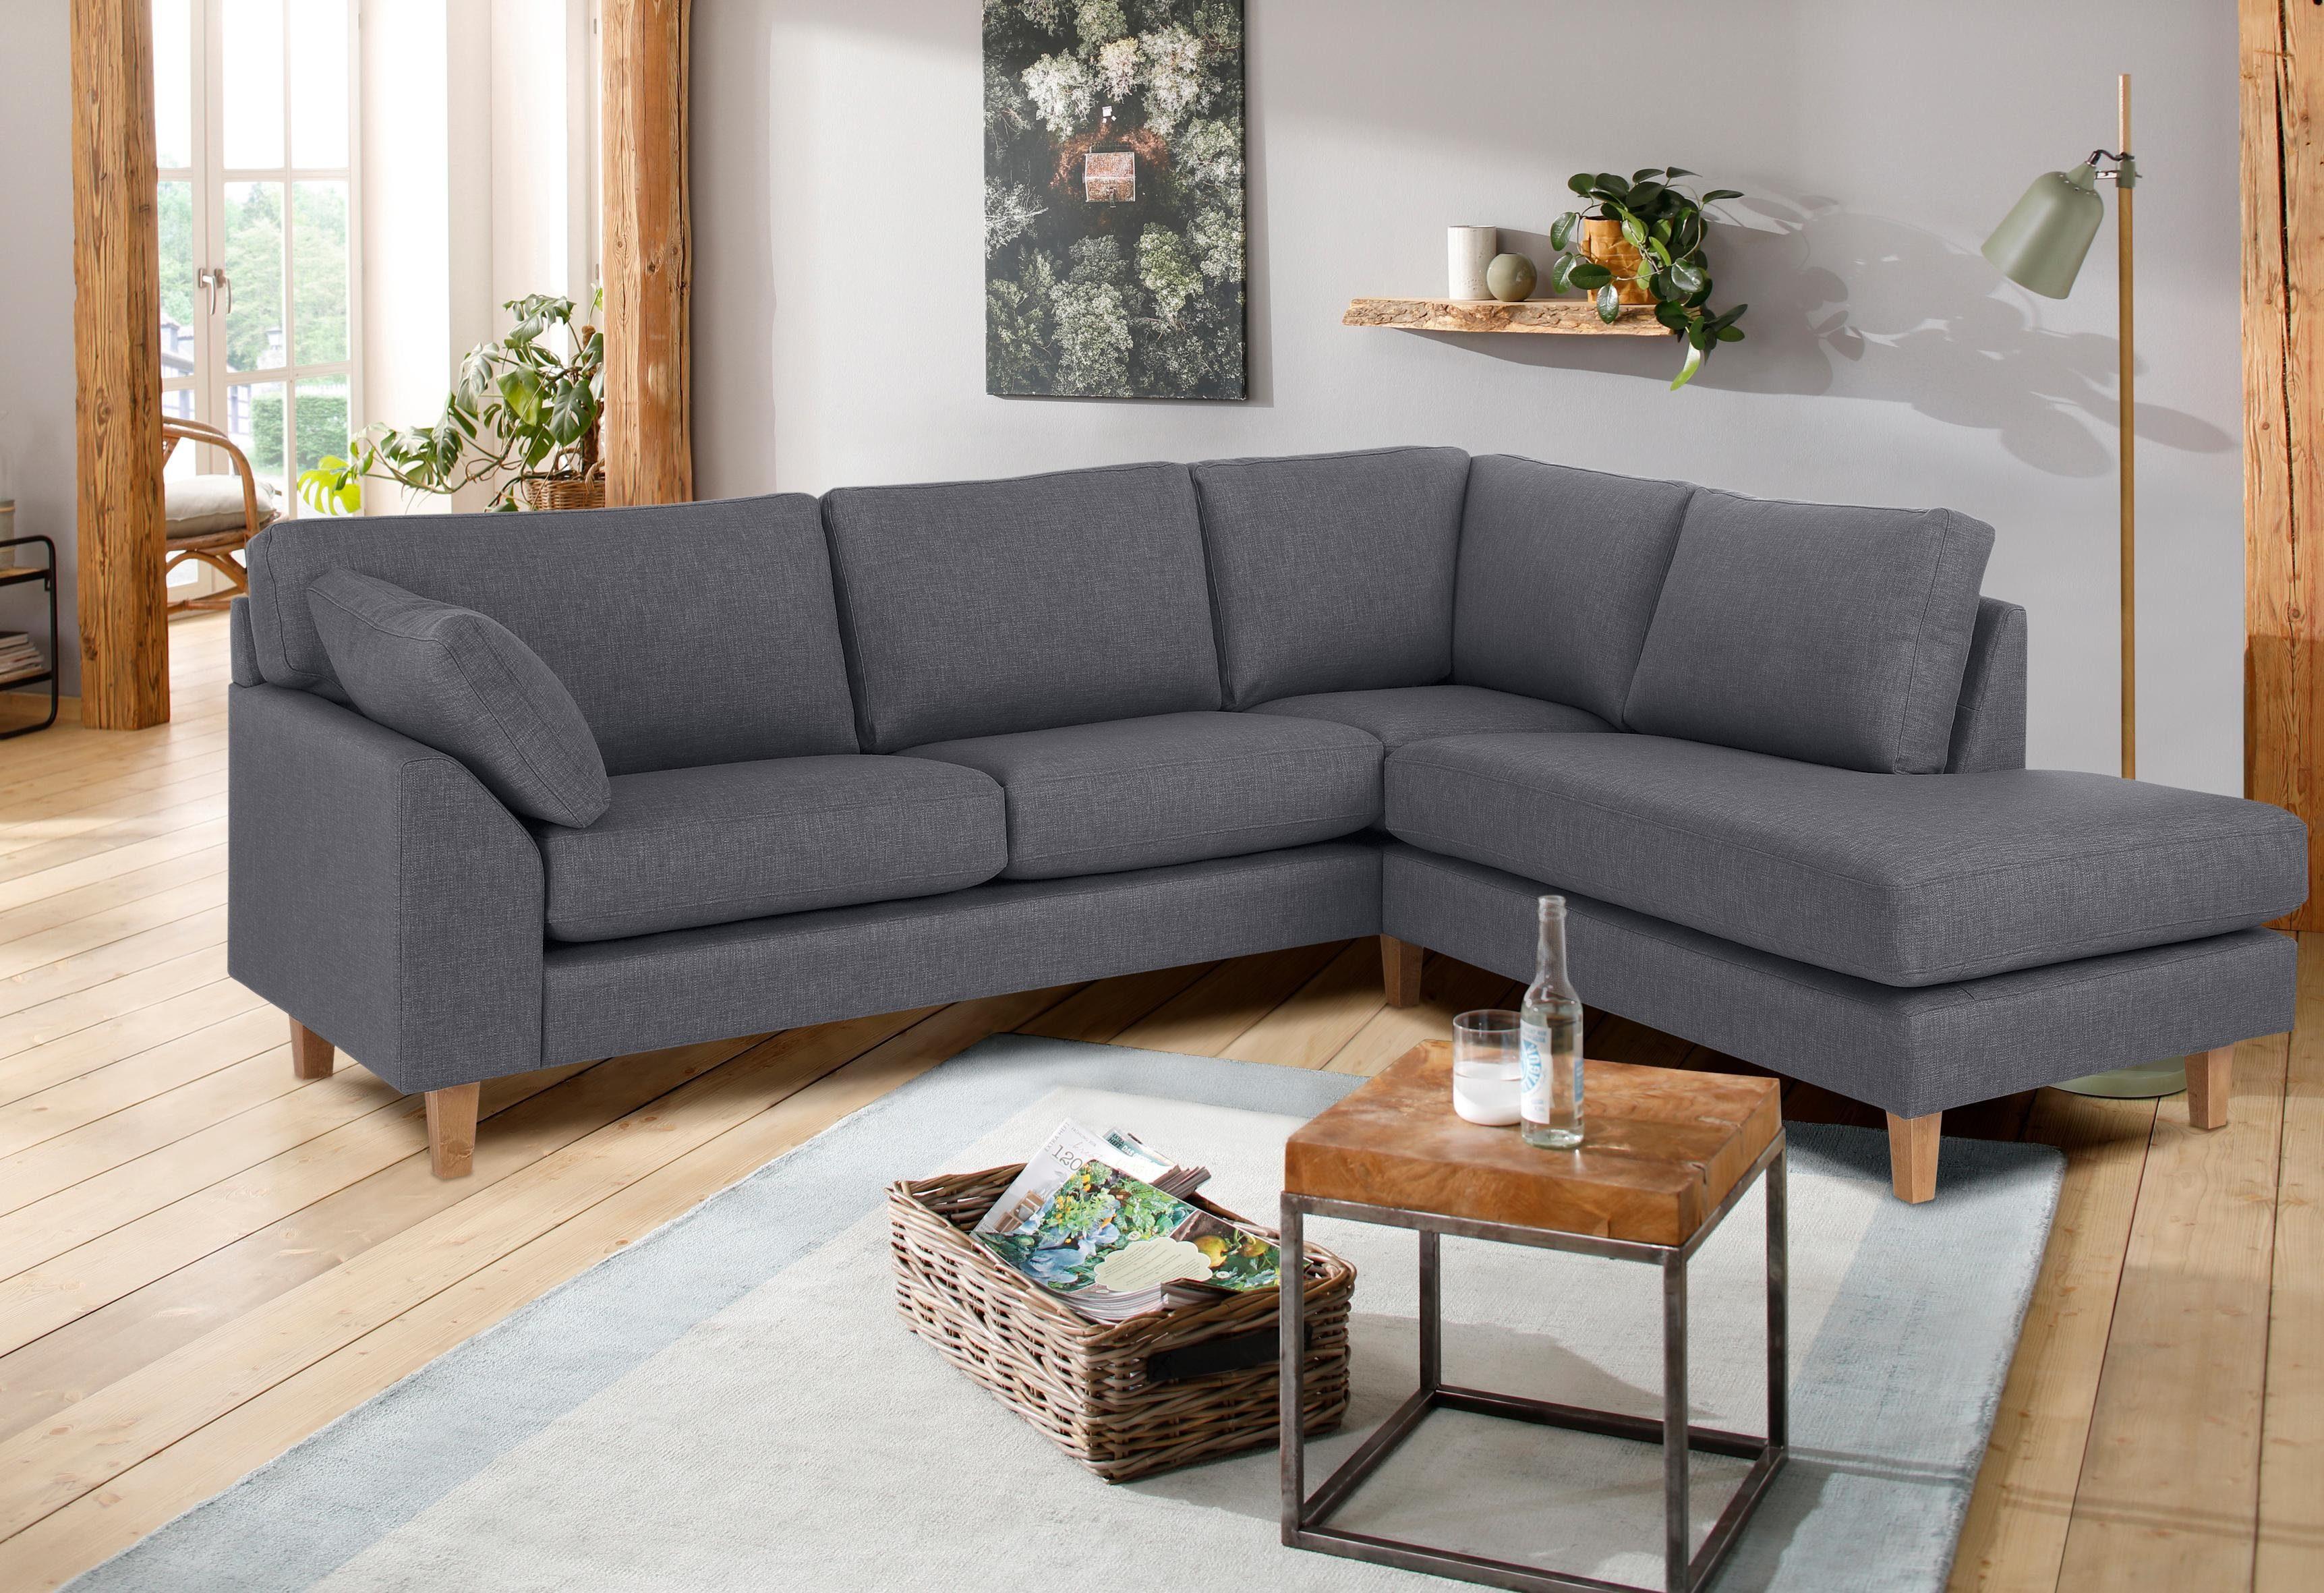 Moemax Modern Living Ecksofas Eckcouches Online Kaufen Mobel